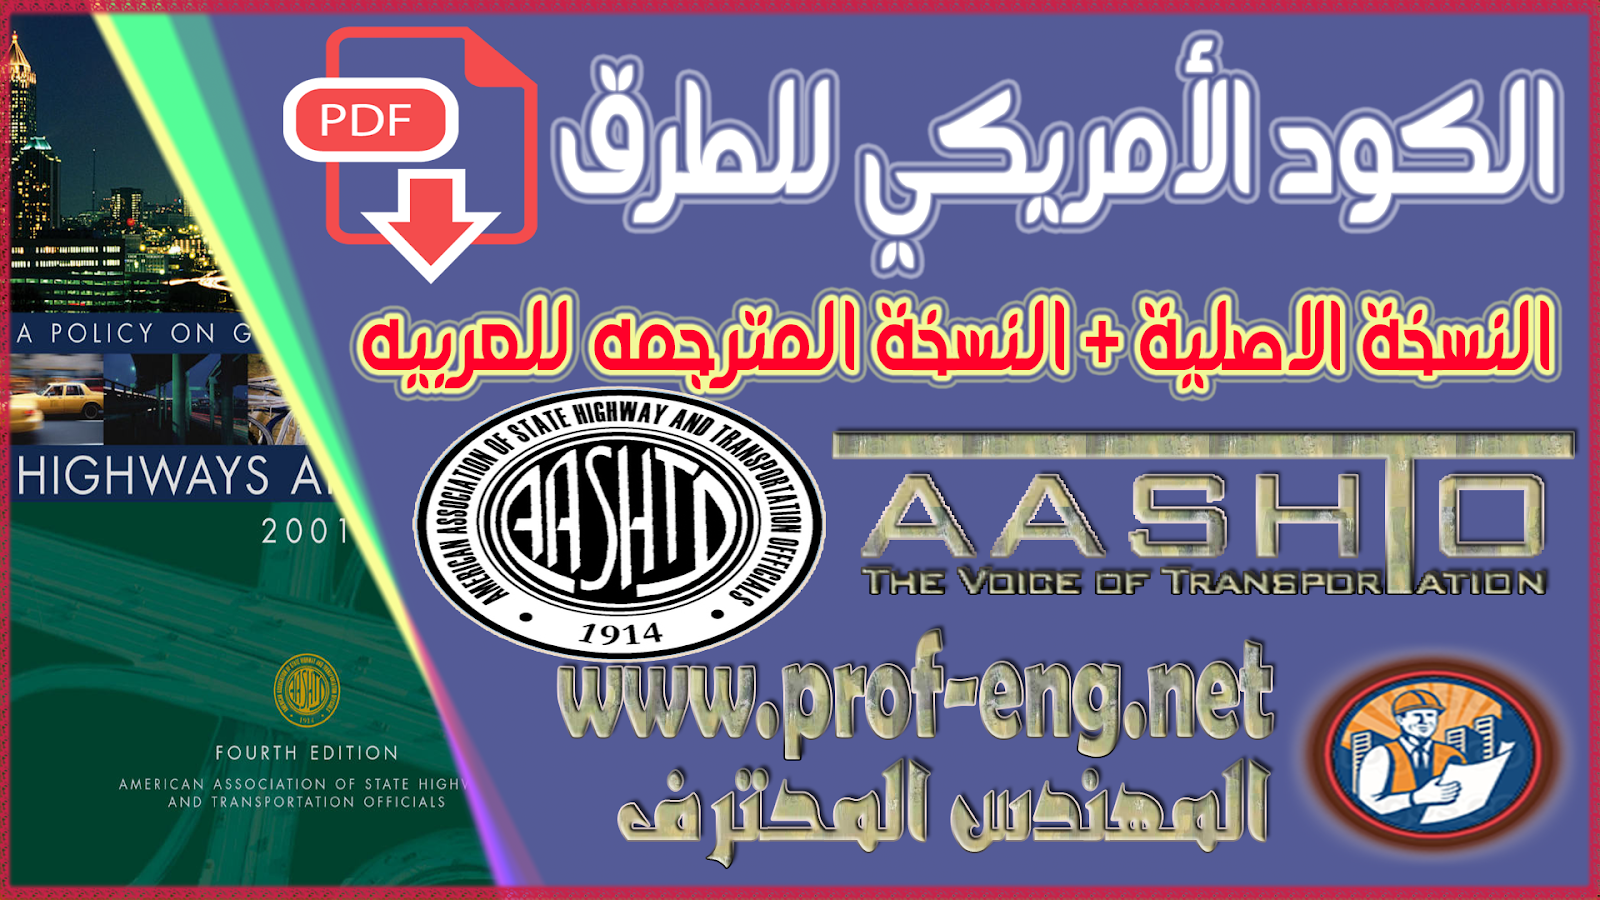 كود الاشتو مترجم pdf | الكود الامريكي للطرق - النسخة الاصليه + النسخة المترجمه | AASHTO Highway